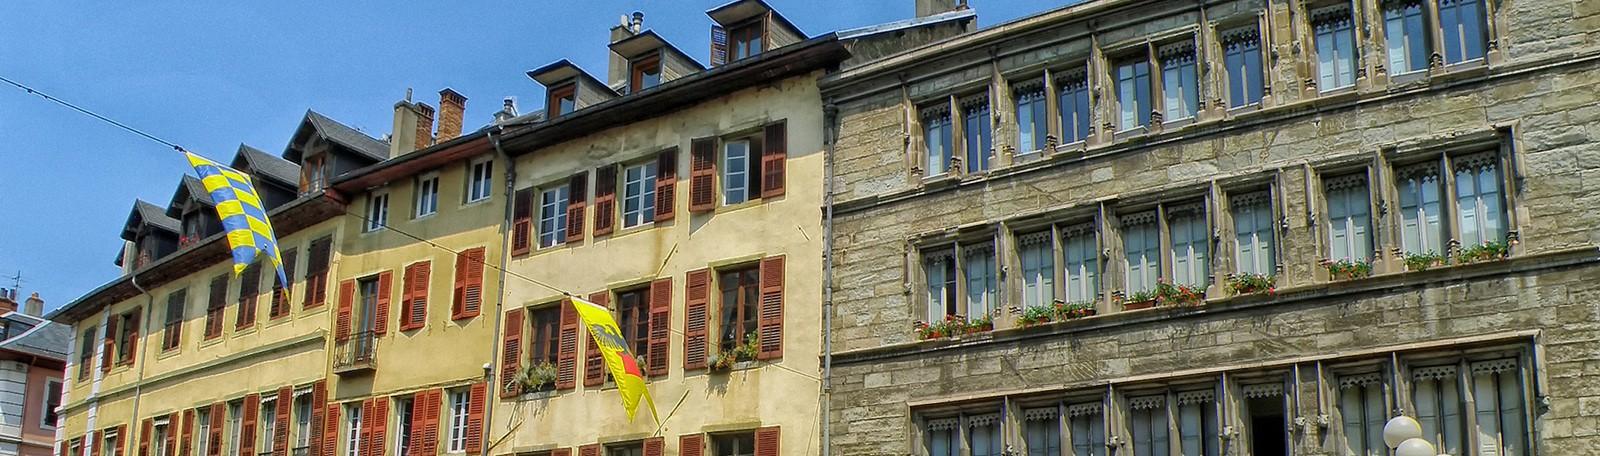 Q-Park Barbot - 55 Rue André Jacques 73000 Chambéry